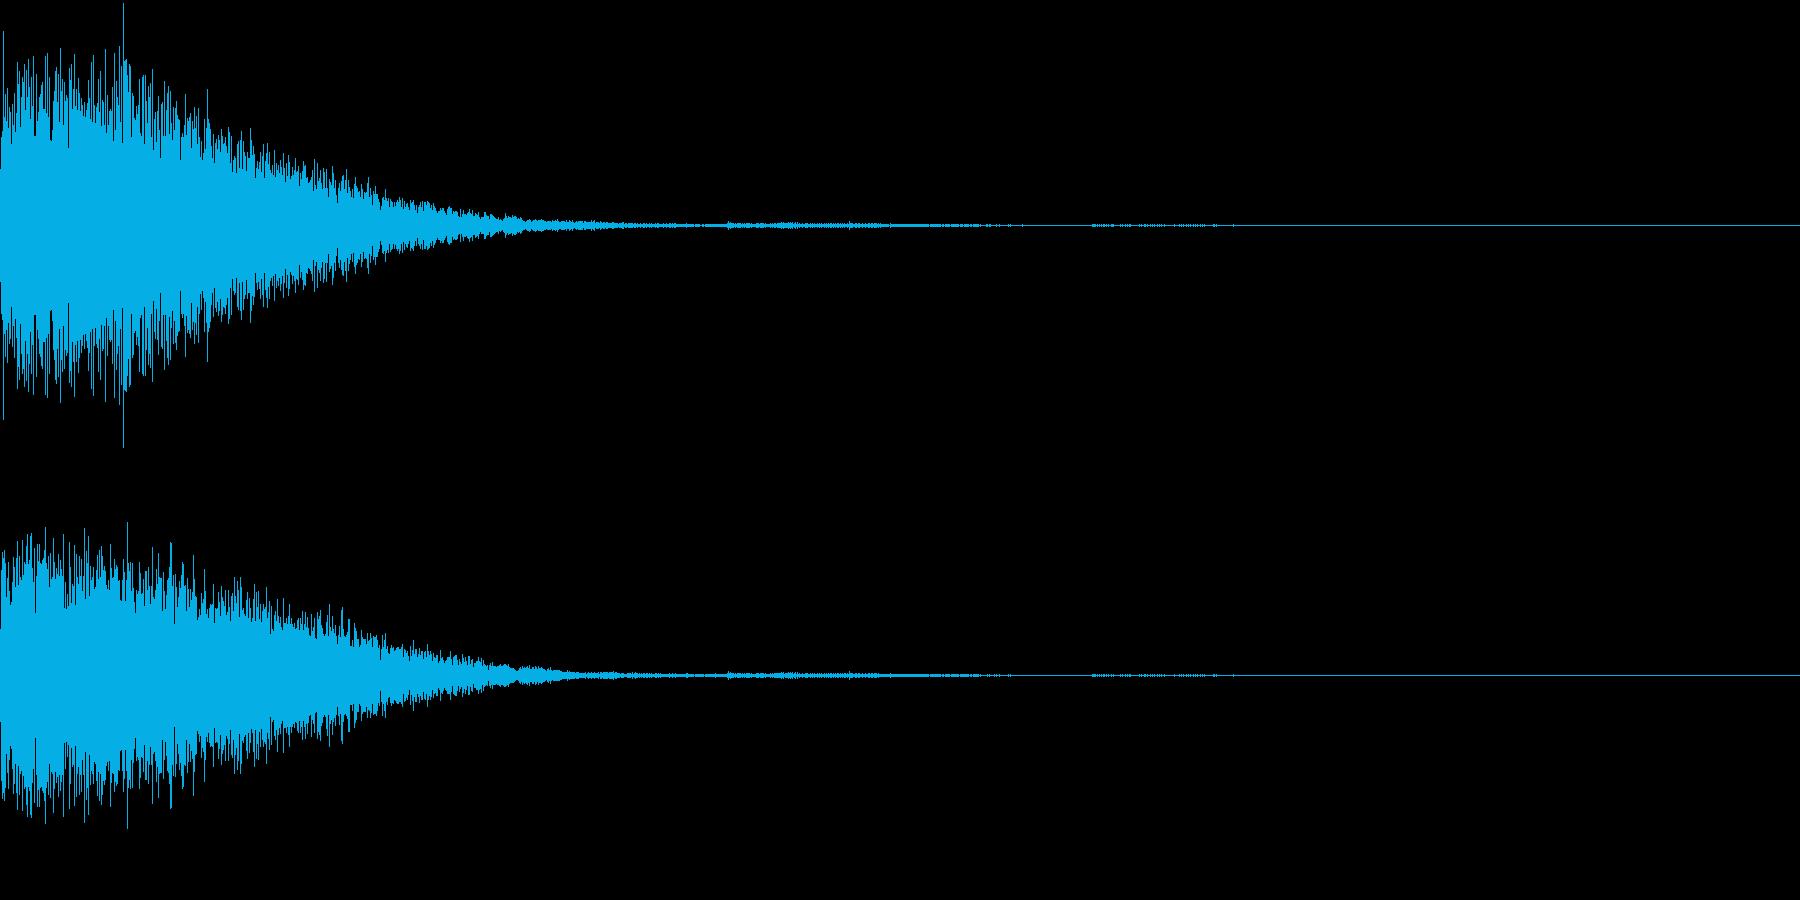 クリック音、キラン、キュイン、ピコン04の再生済みの波形